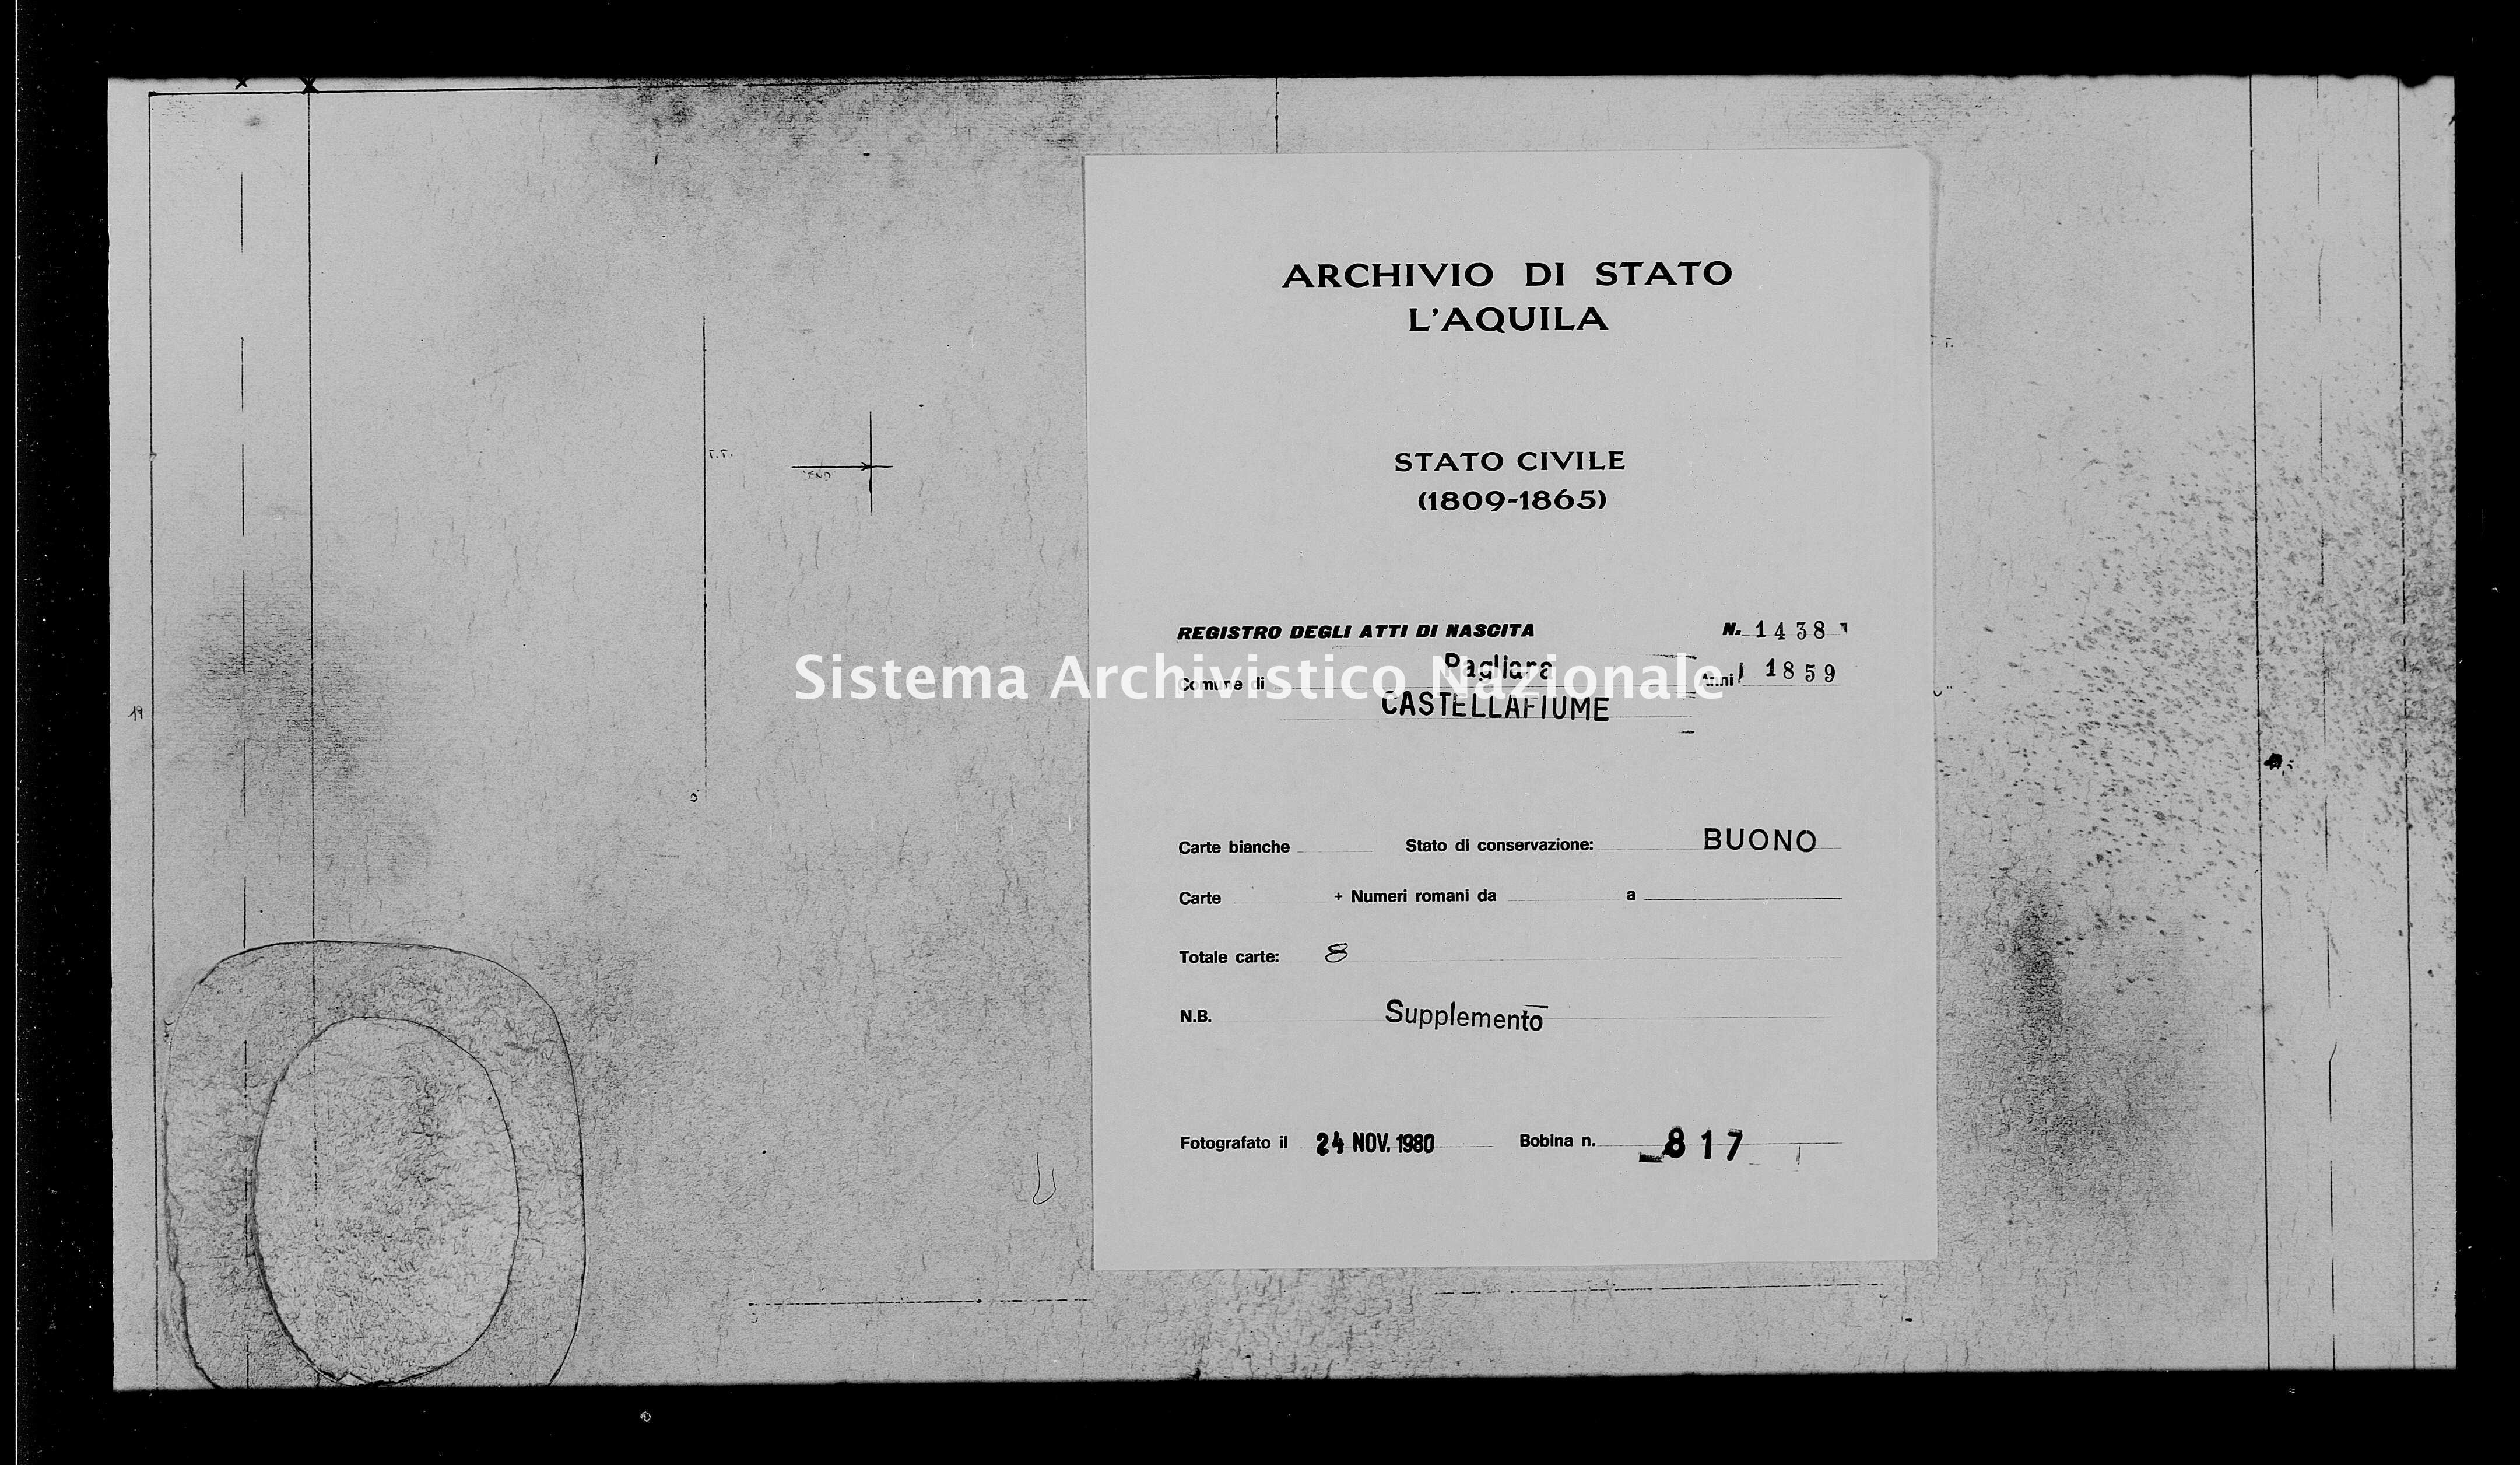 Archivio di stato di L'aquila - Stato civile della restaurazione - Pagliara - Nati, battesimi - 1859 - 1438 -